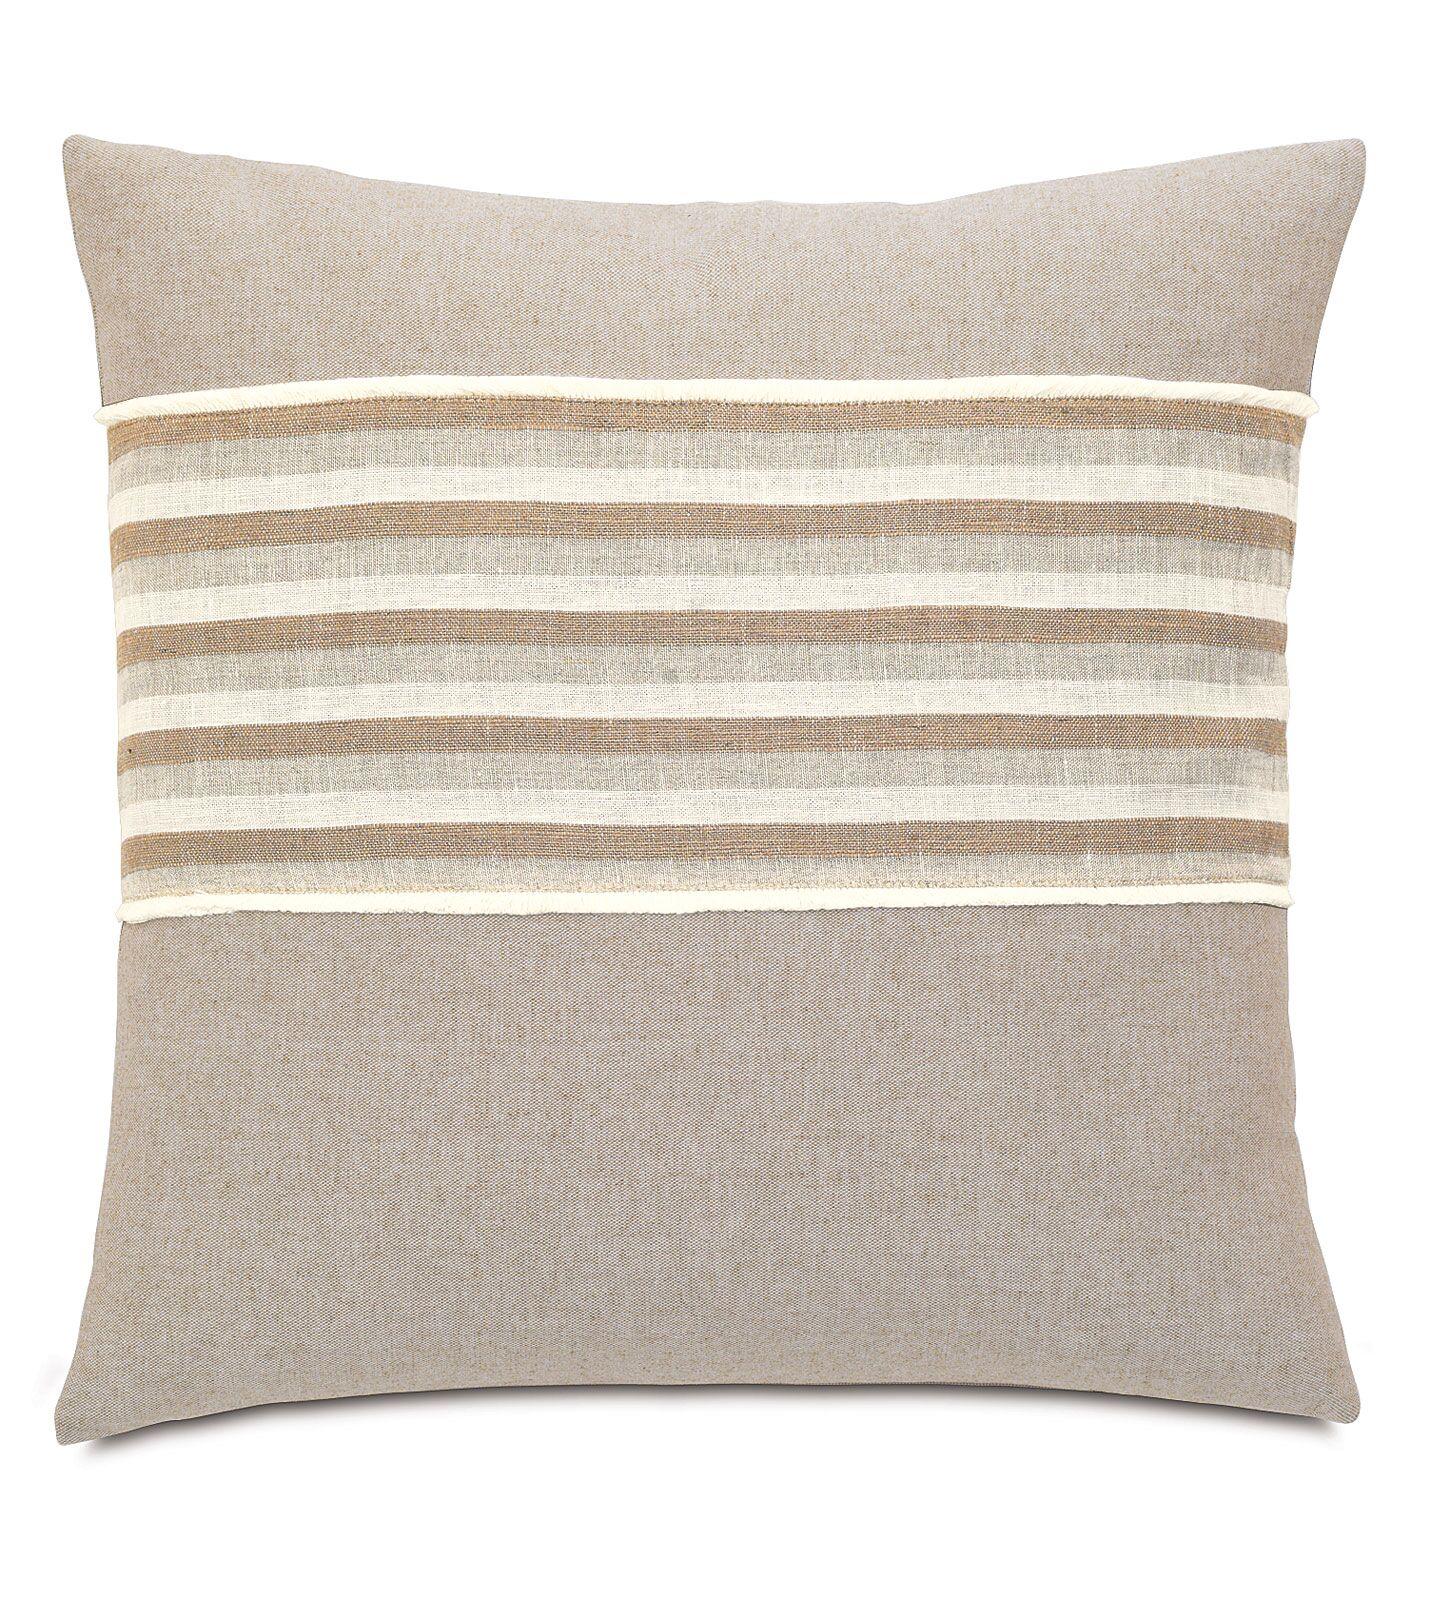 Silas Linum Linen Throw Pillow